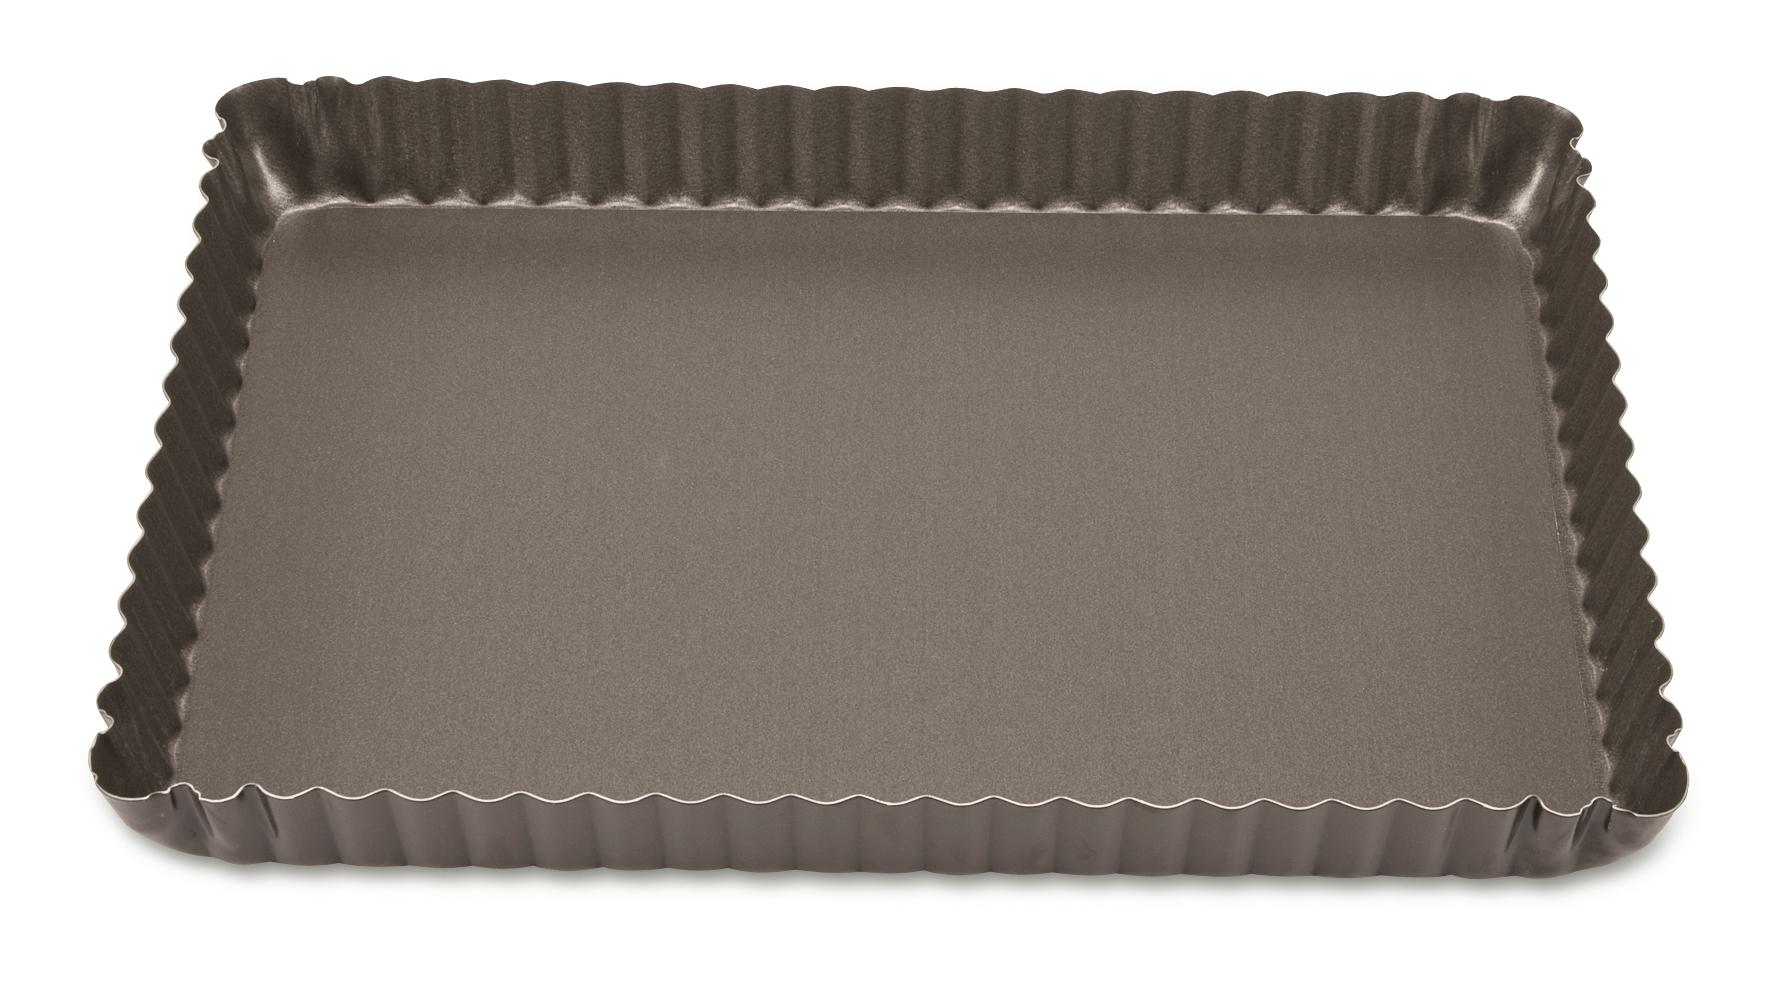 Städter - 'PERFECT-Tarteform mit Hebeboden 29 x 20 cm / H 3 cm Rechte'